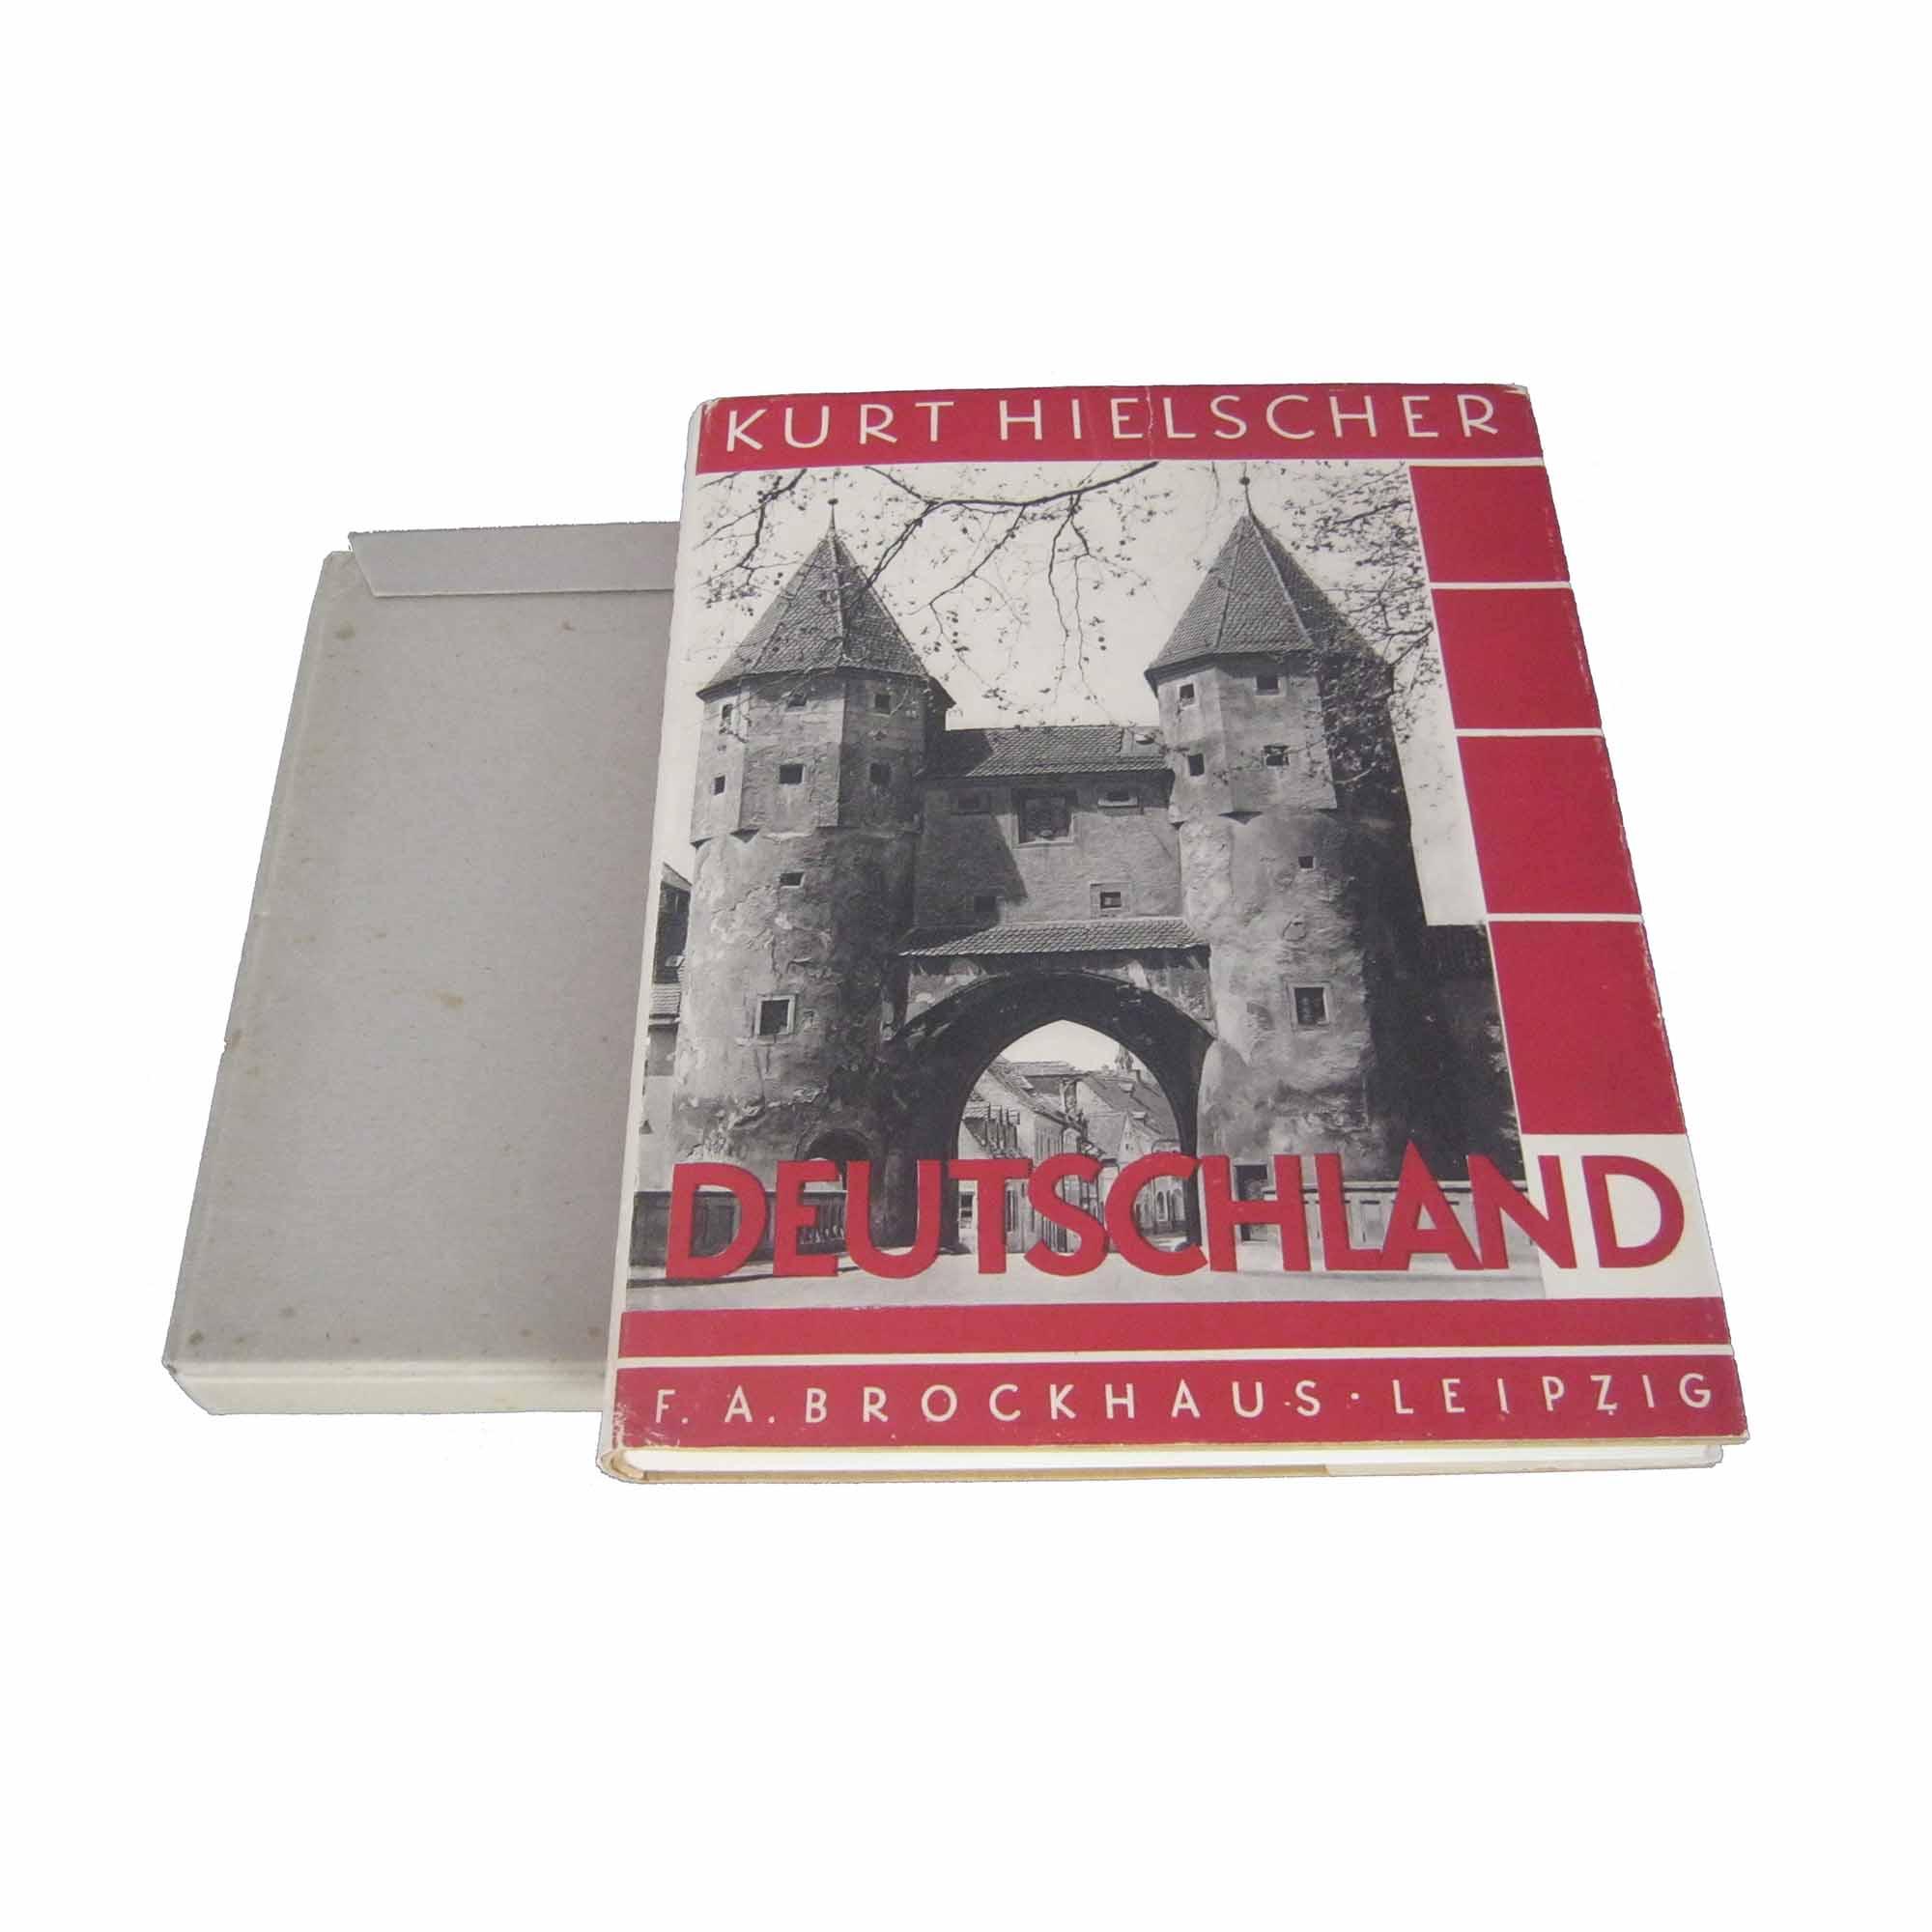 5347-Hielscher-Schuber-1931-Umschlag-recto-2-frei-A-N.jpg